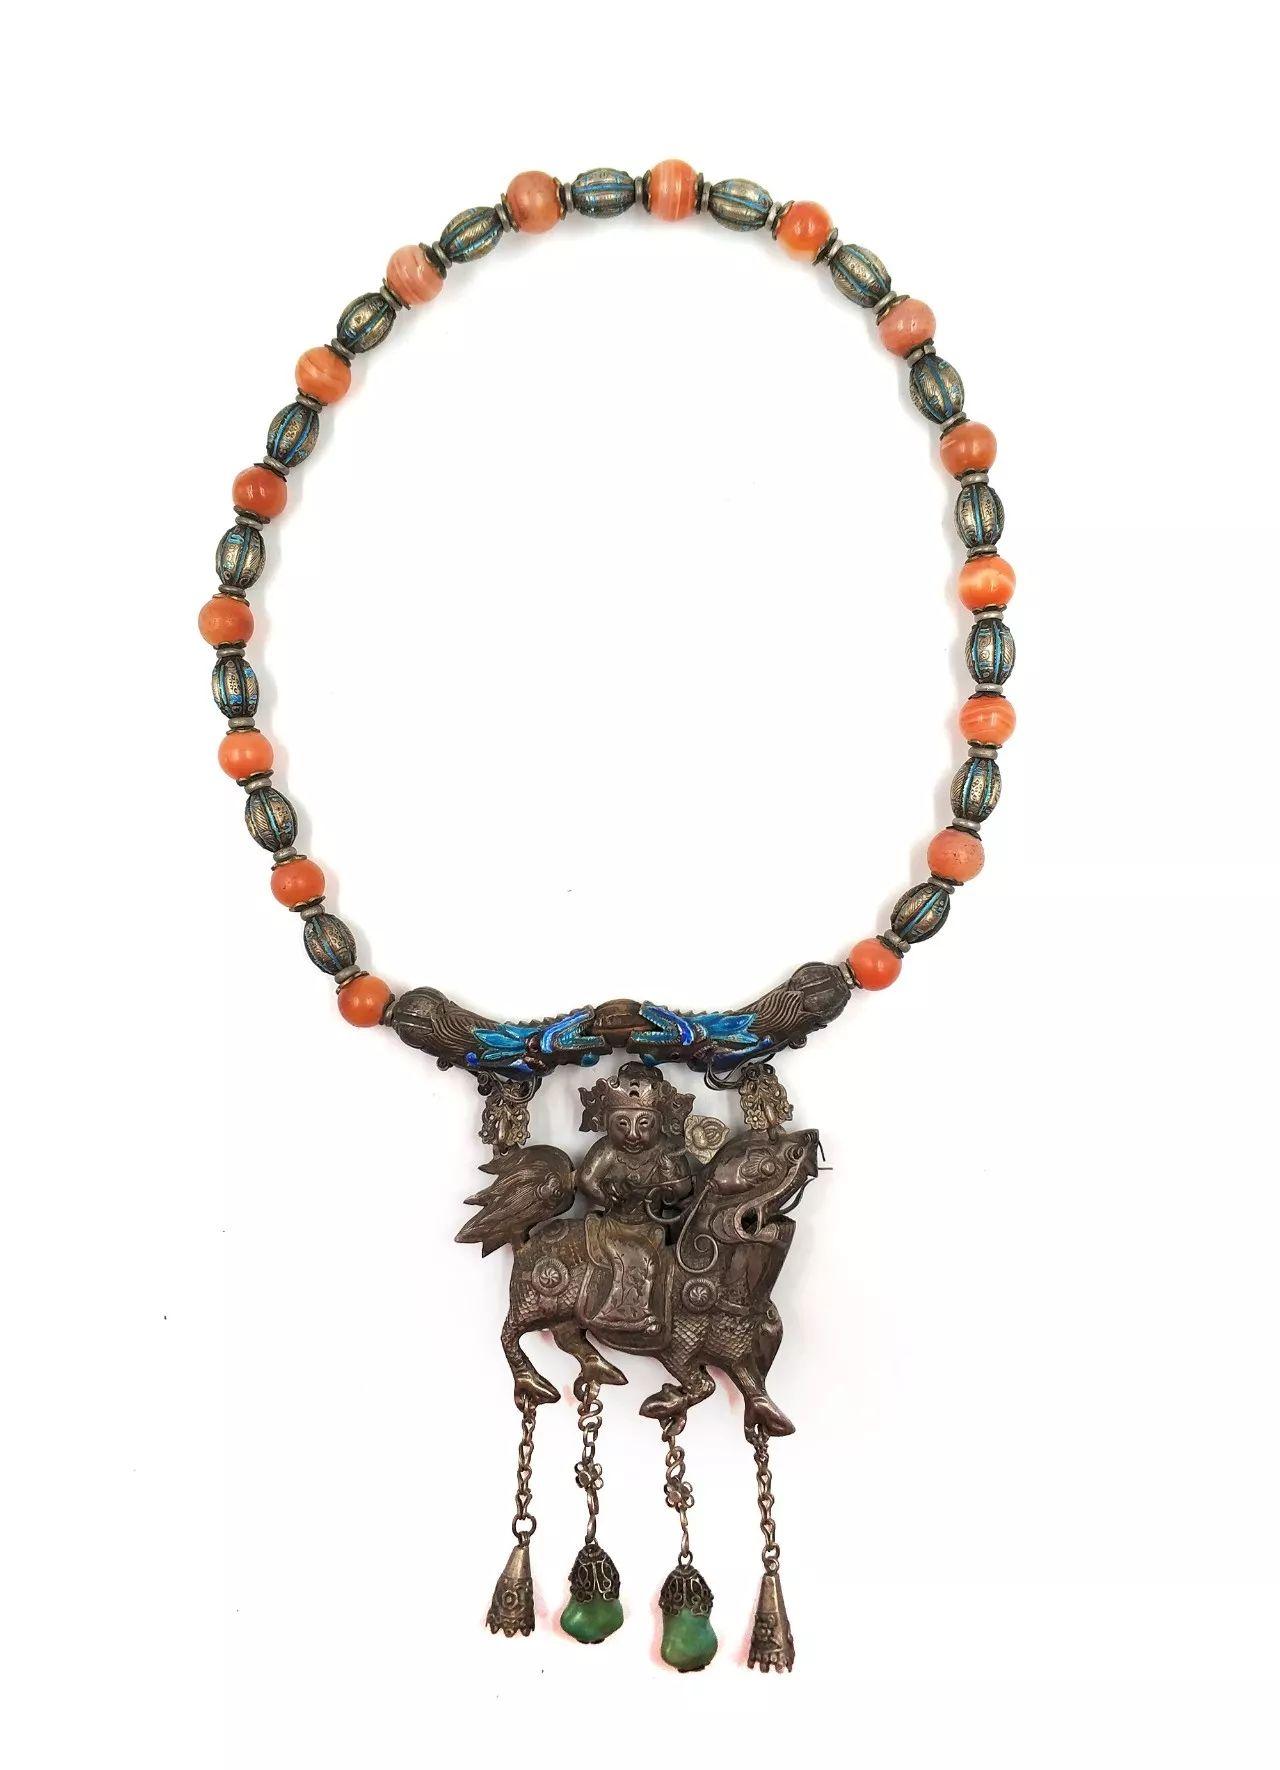 古老的美好祝福饰品:巧夺天工的长命锁